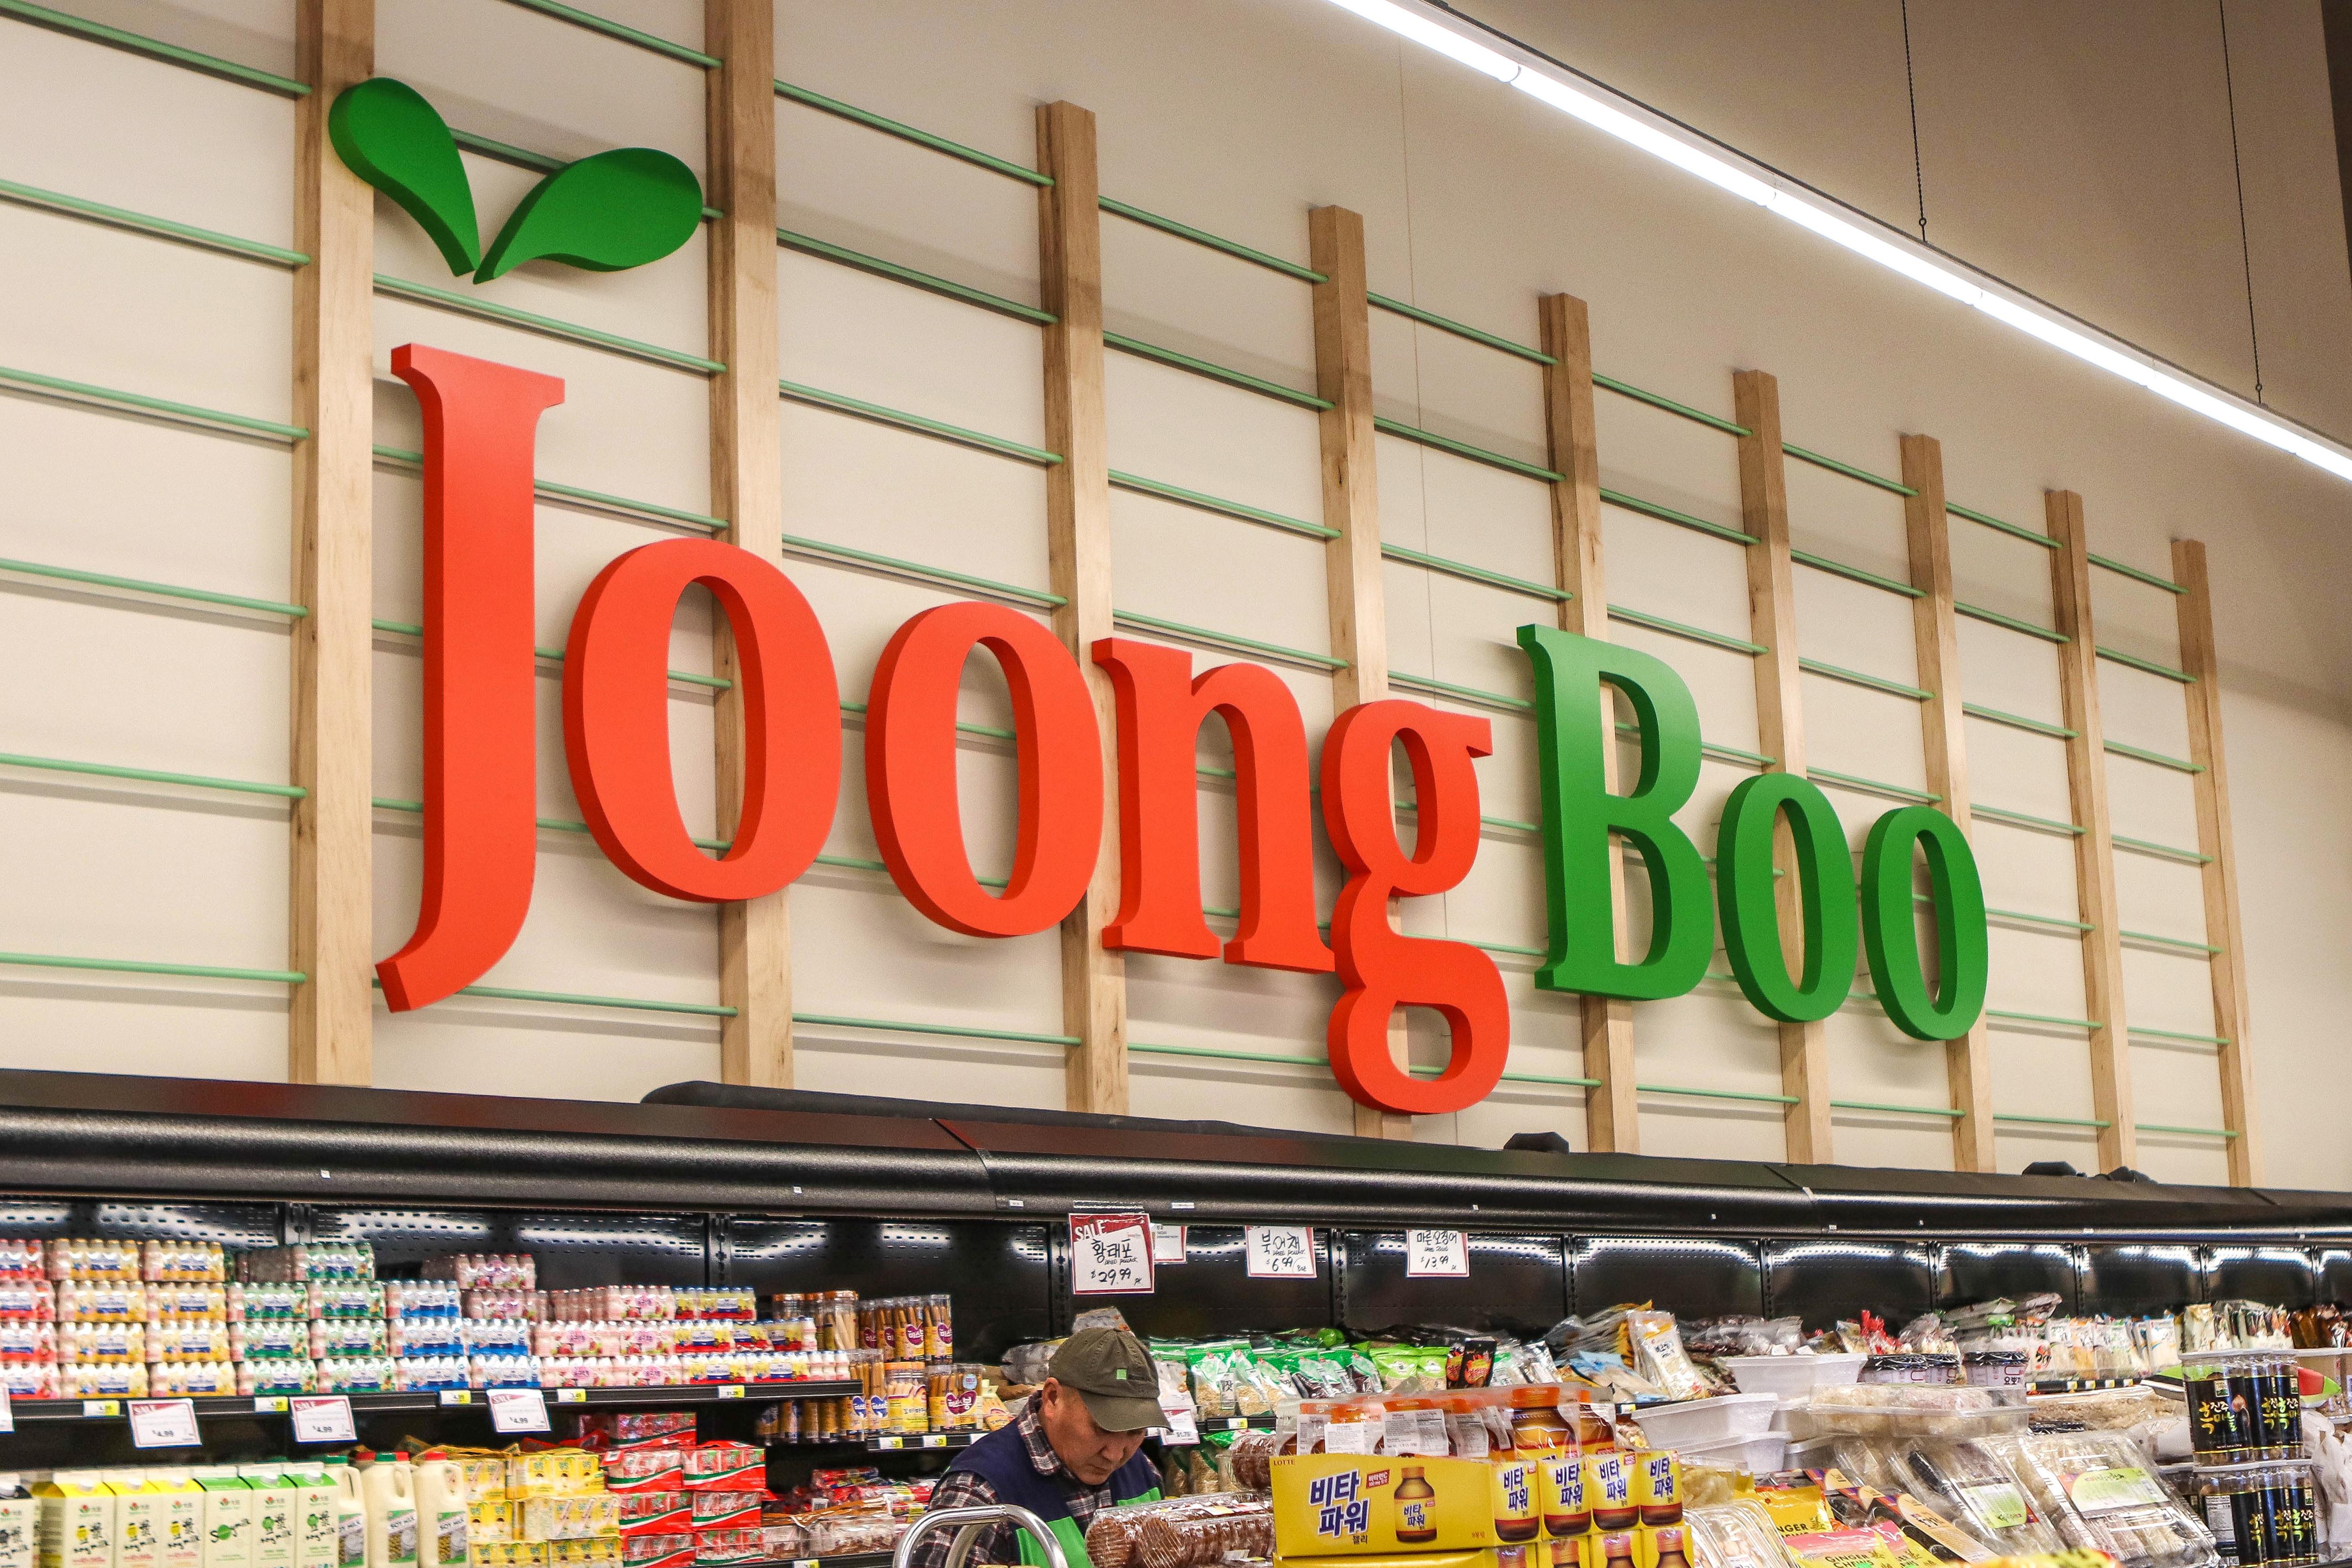 Joong Boo